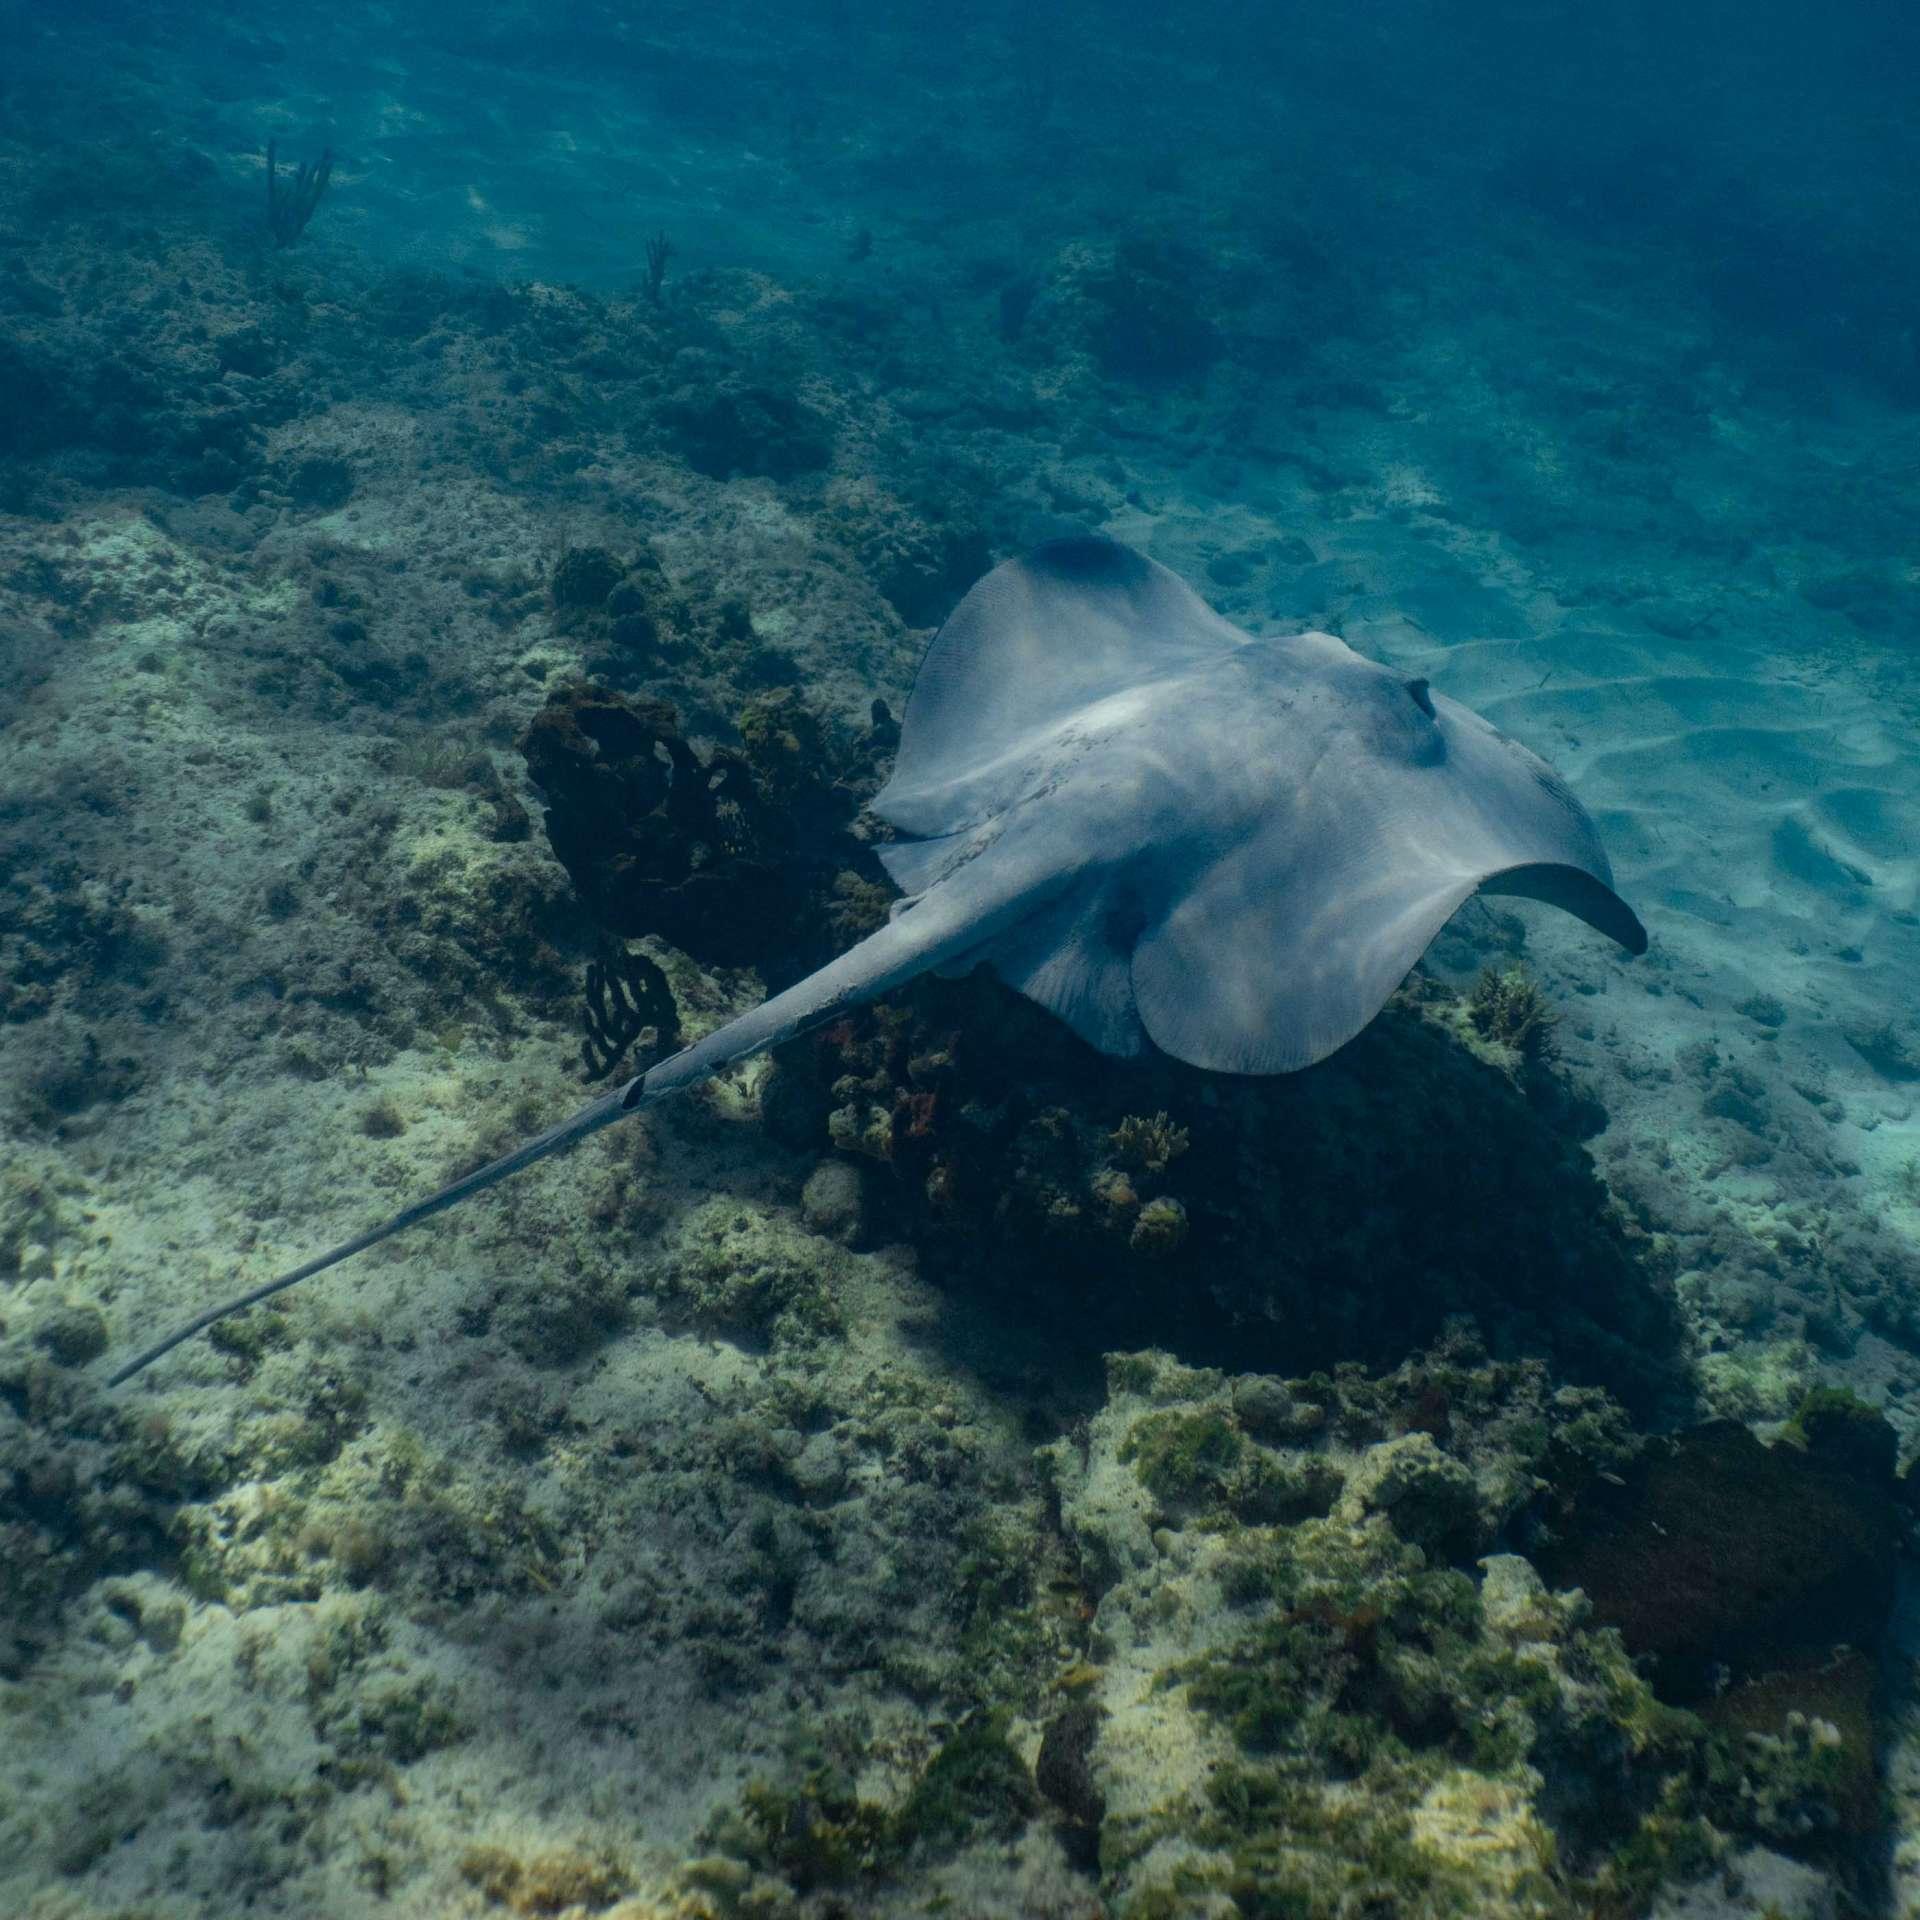 Bahamas Long Island snorkeling cape santa maria beach 8